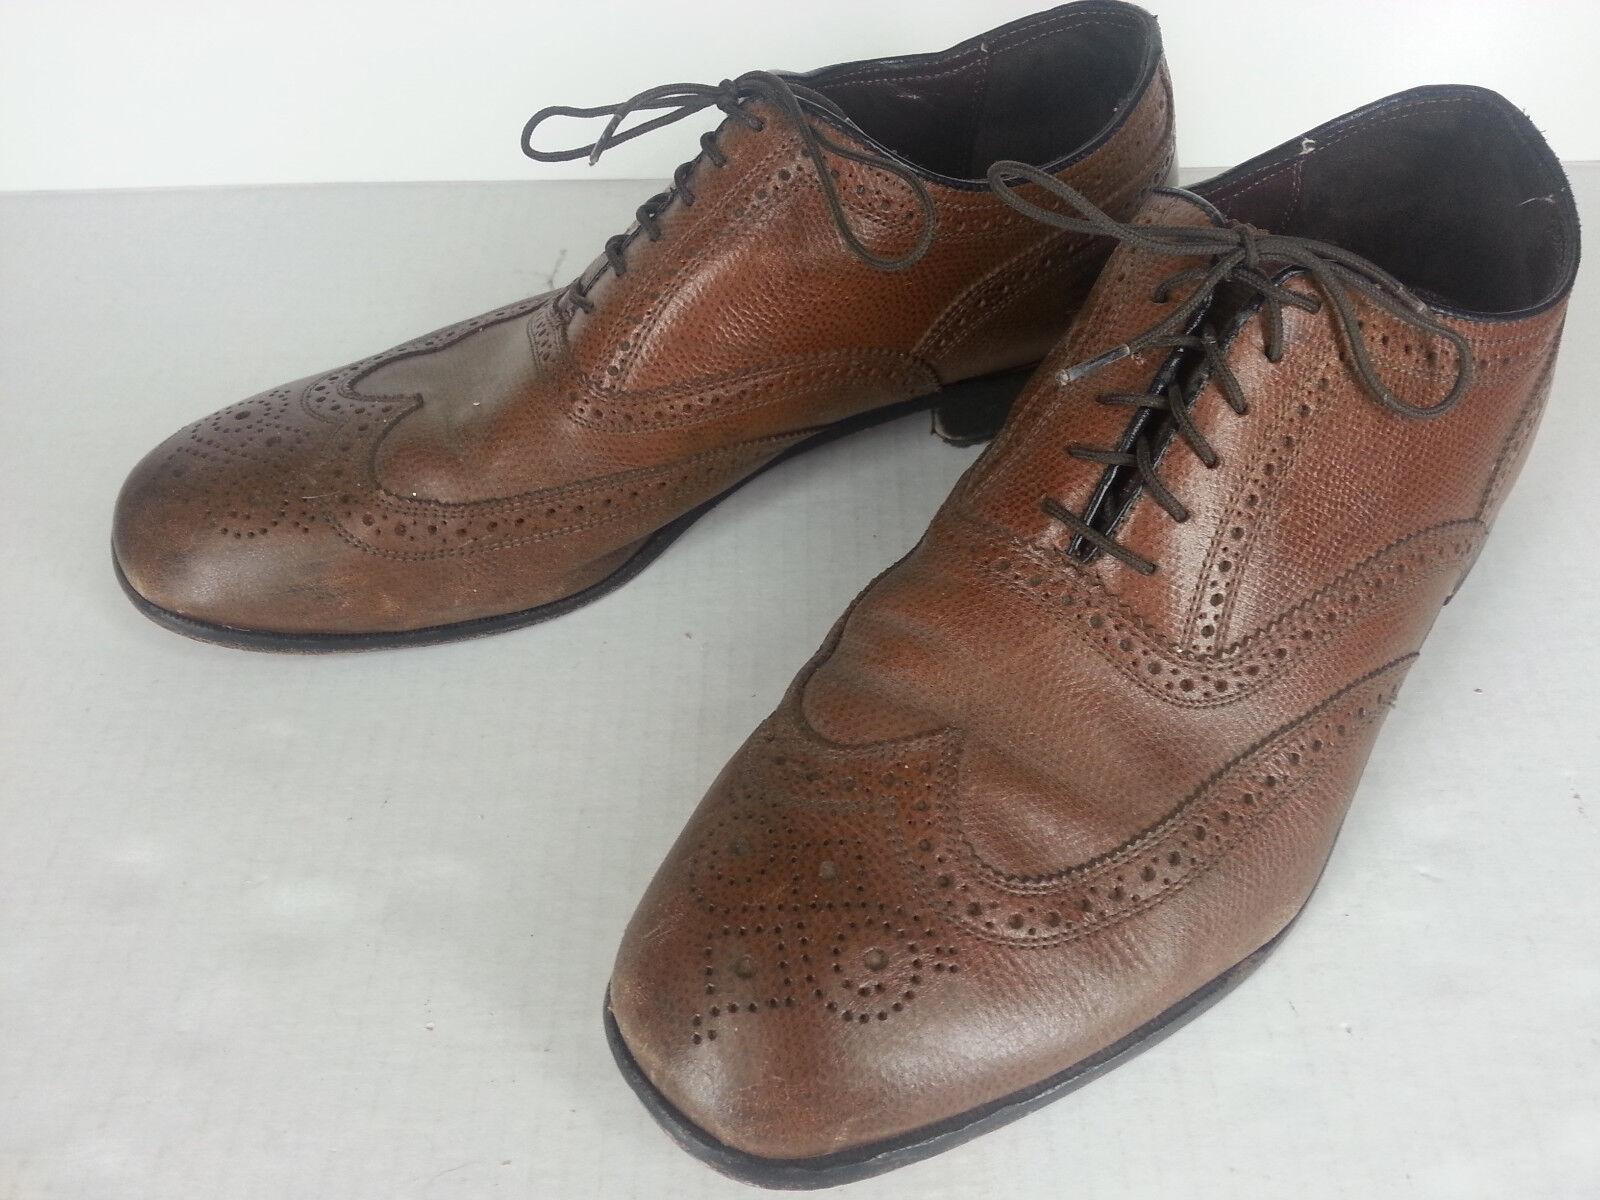 Mens Florsheim Lexington Wing tip Lace up Leather shoes 17066-221 Brown 11D